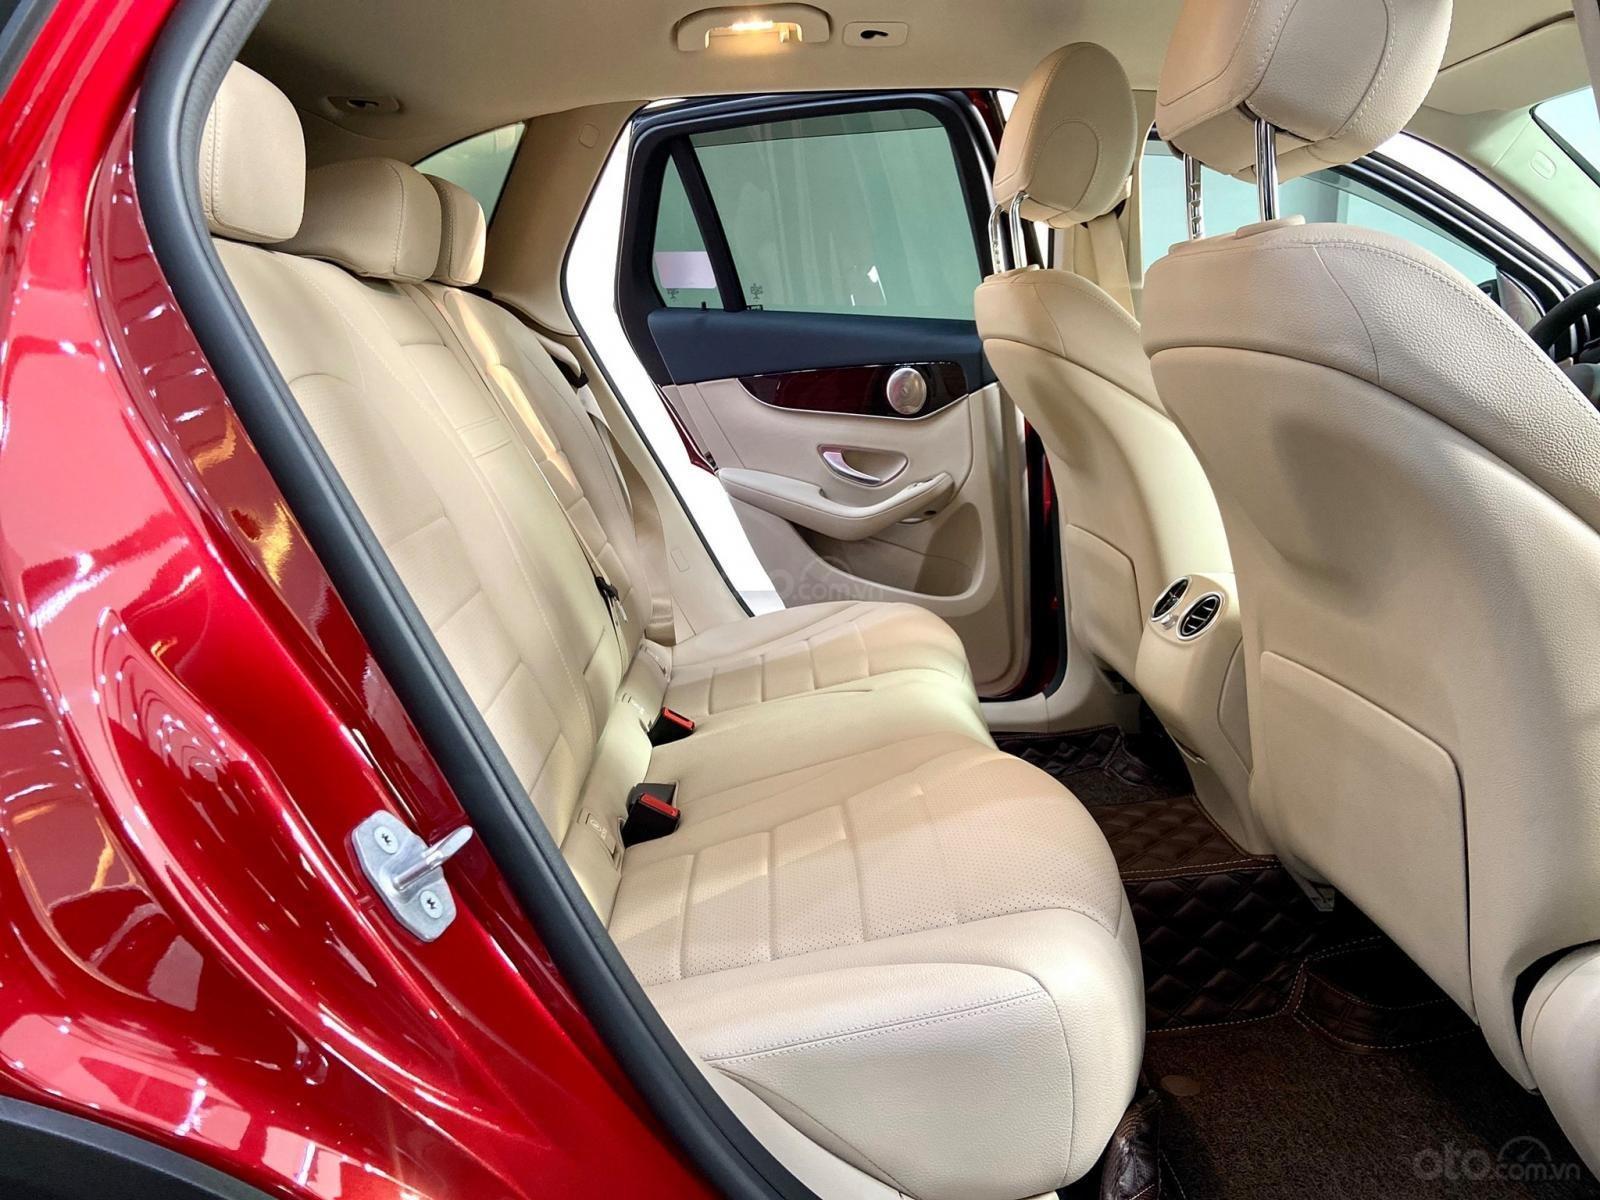 Bán xe Mercedes GLC200 model 2020, màu đỏ, bản nâng cấp (6)